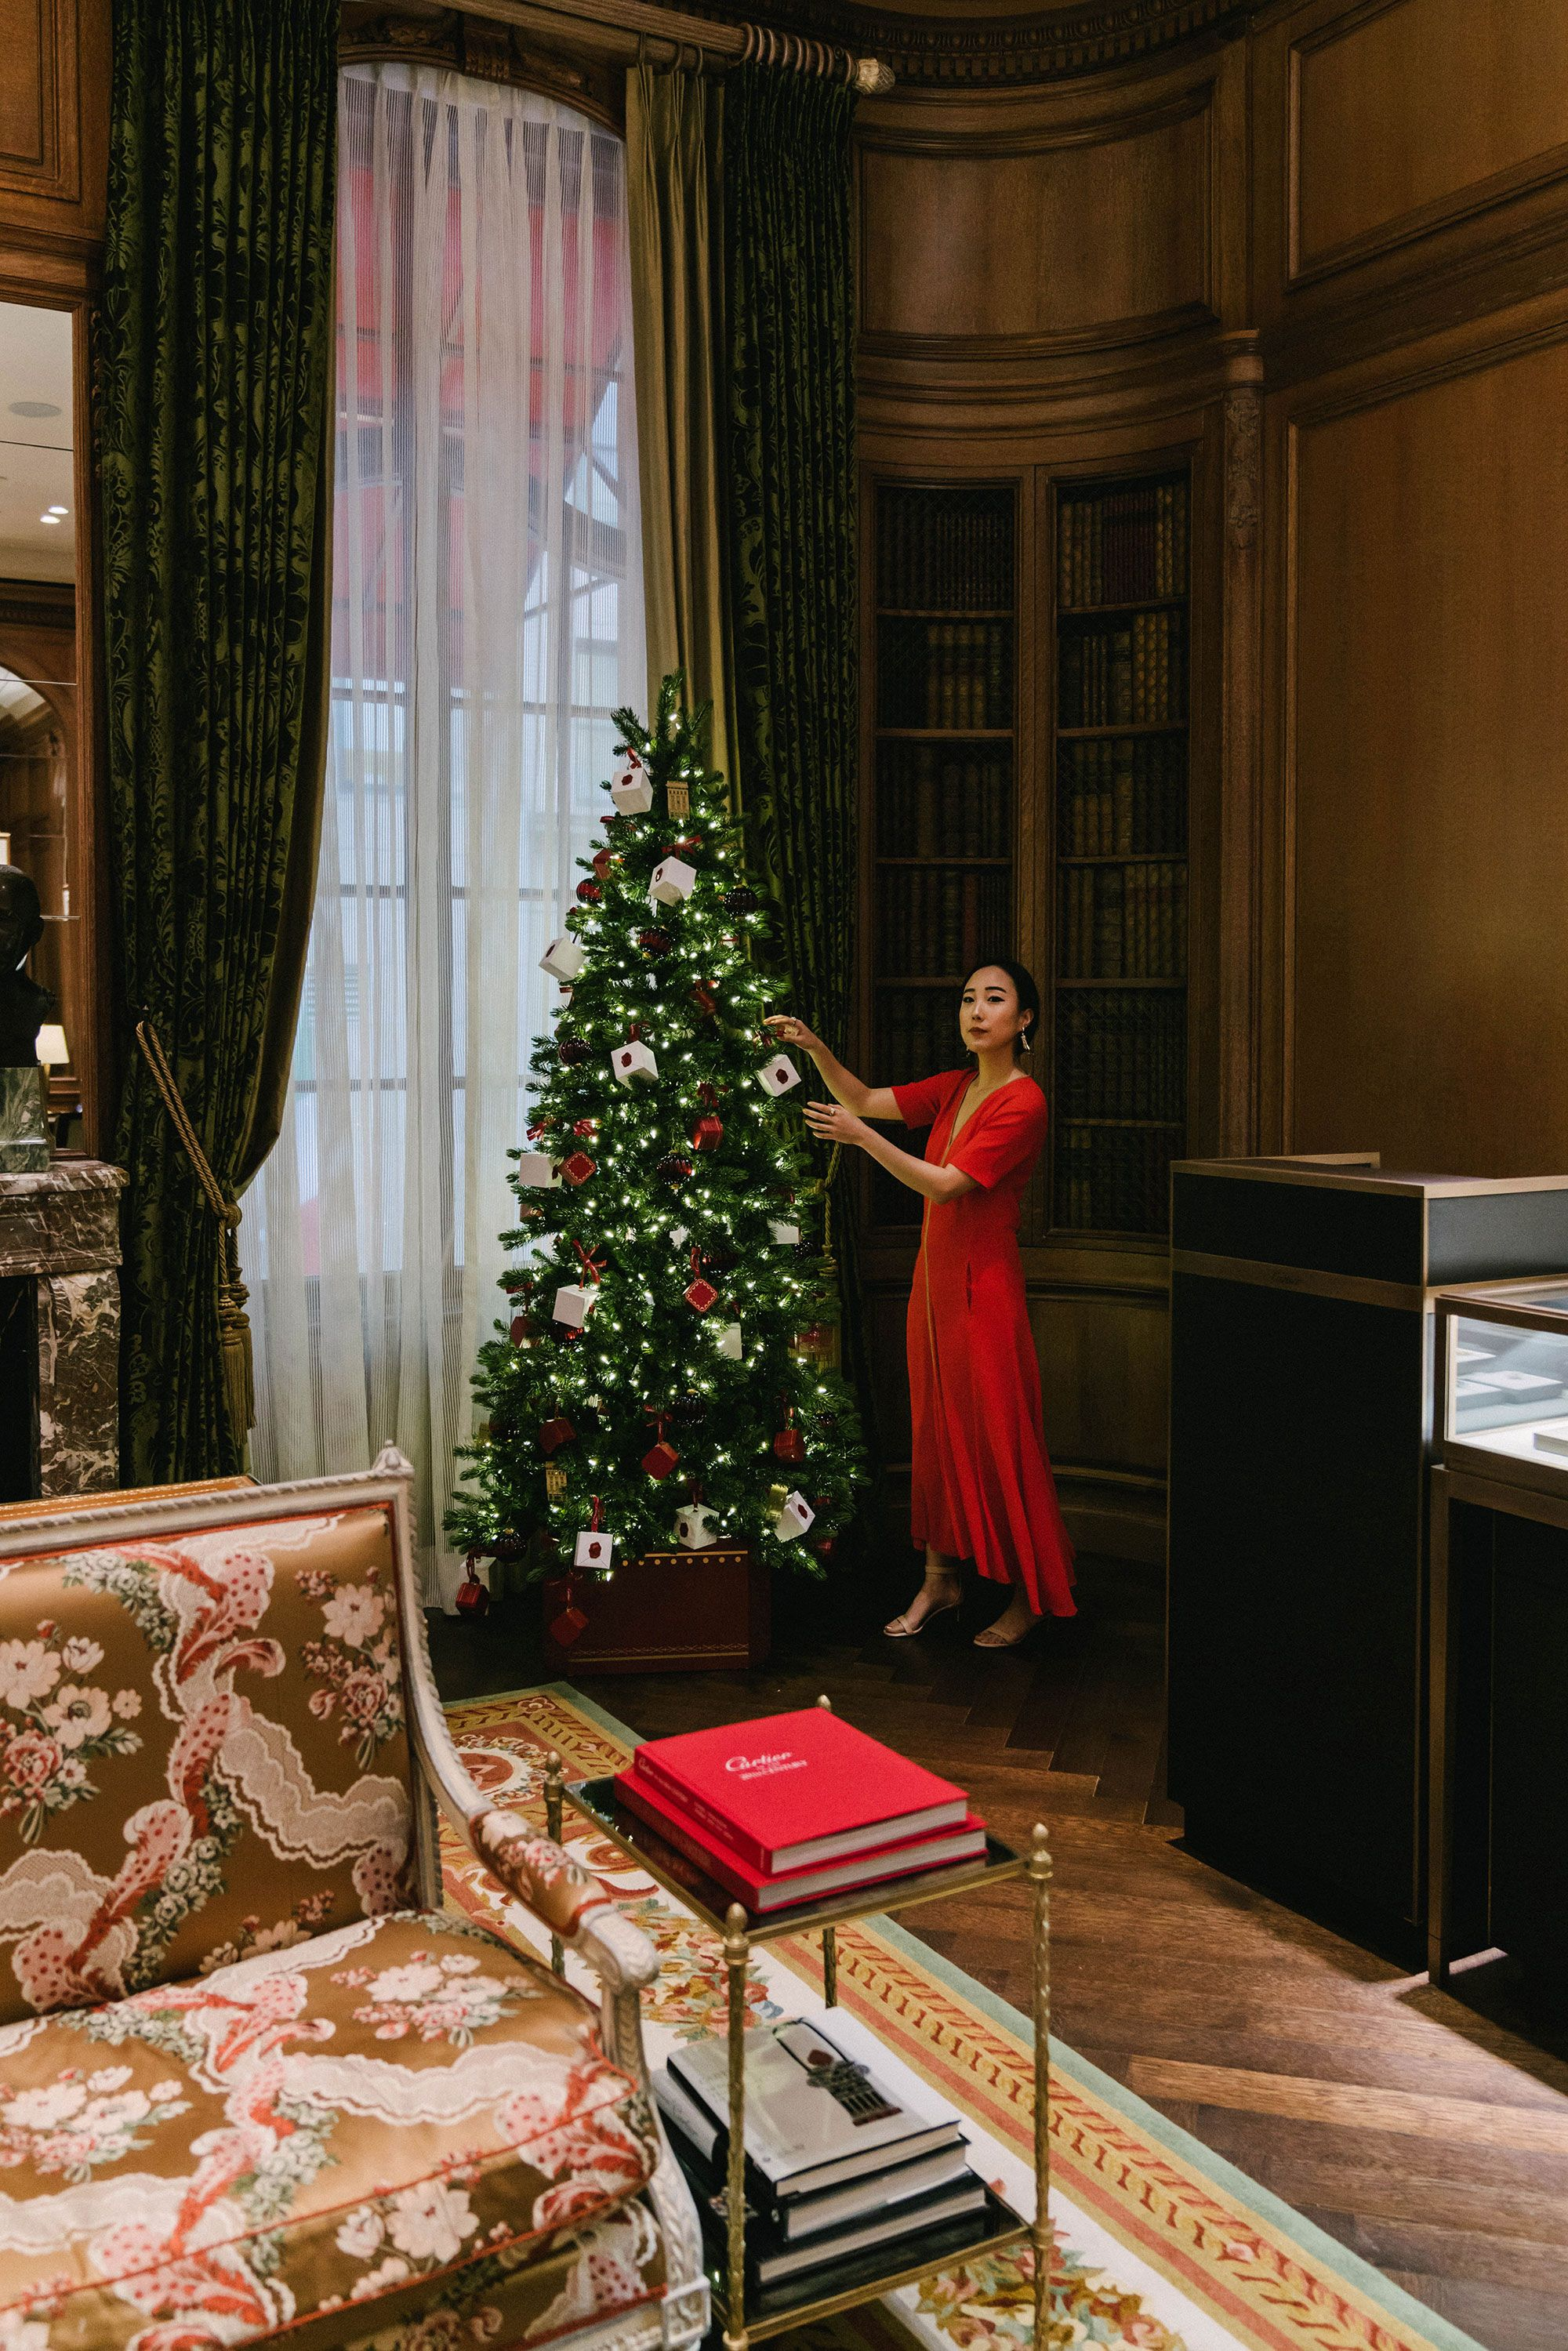 Cartier The Mansion via @eggcanvas